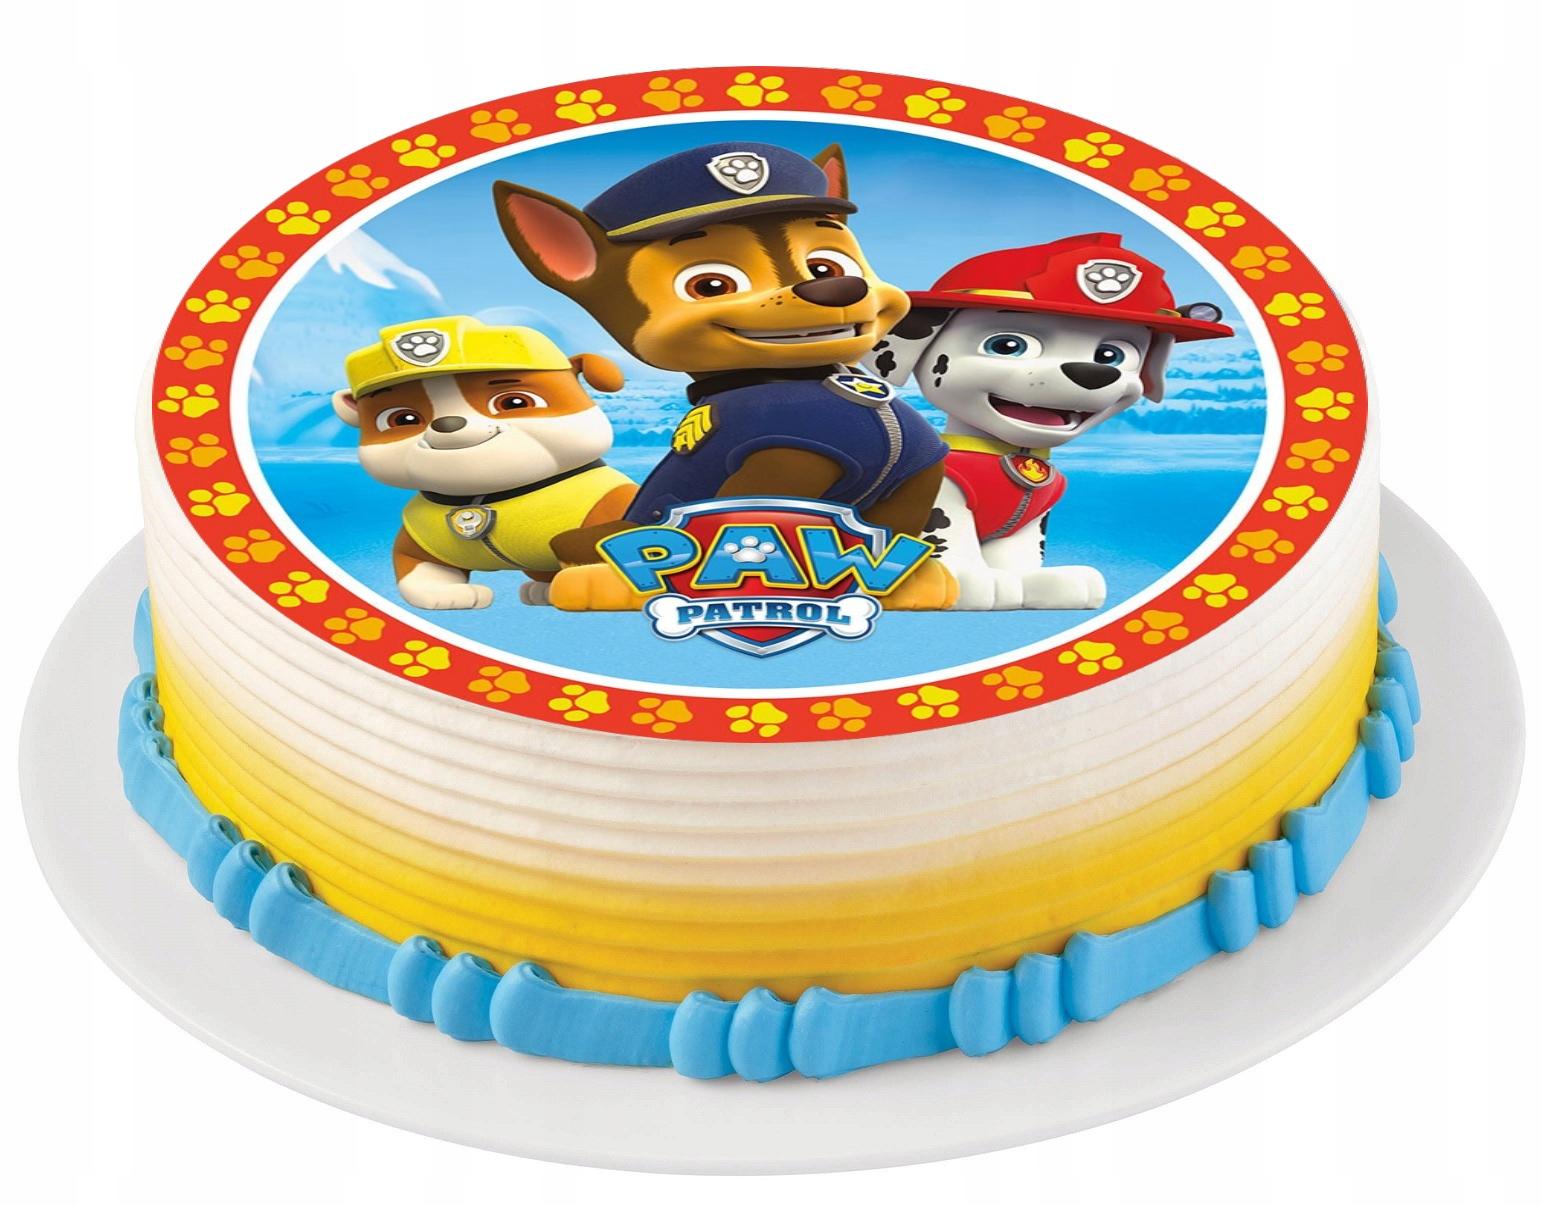 несколько вафельная картинка на торт спб сожалению, навряд станете